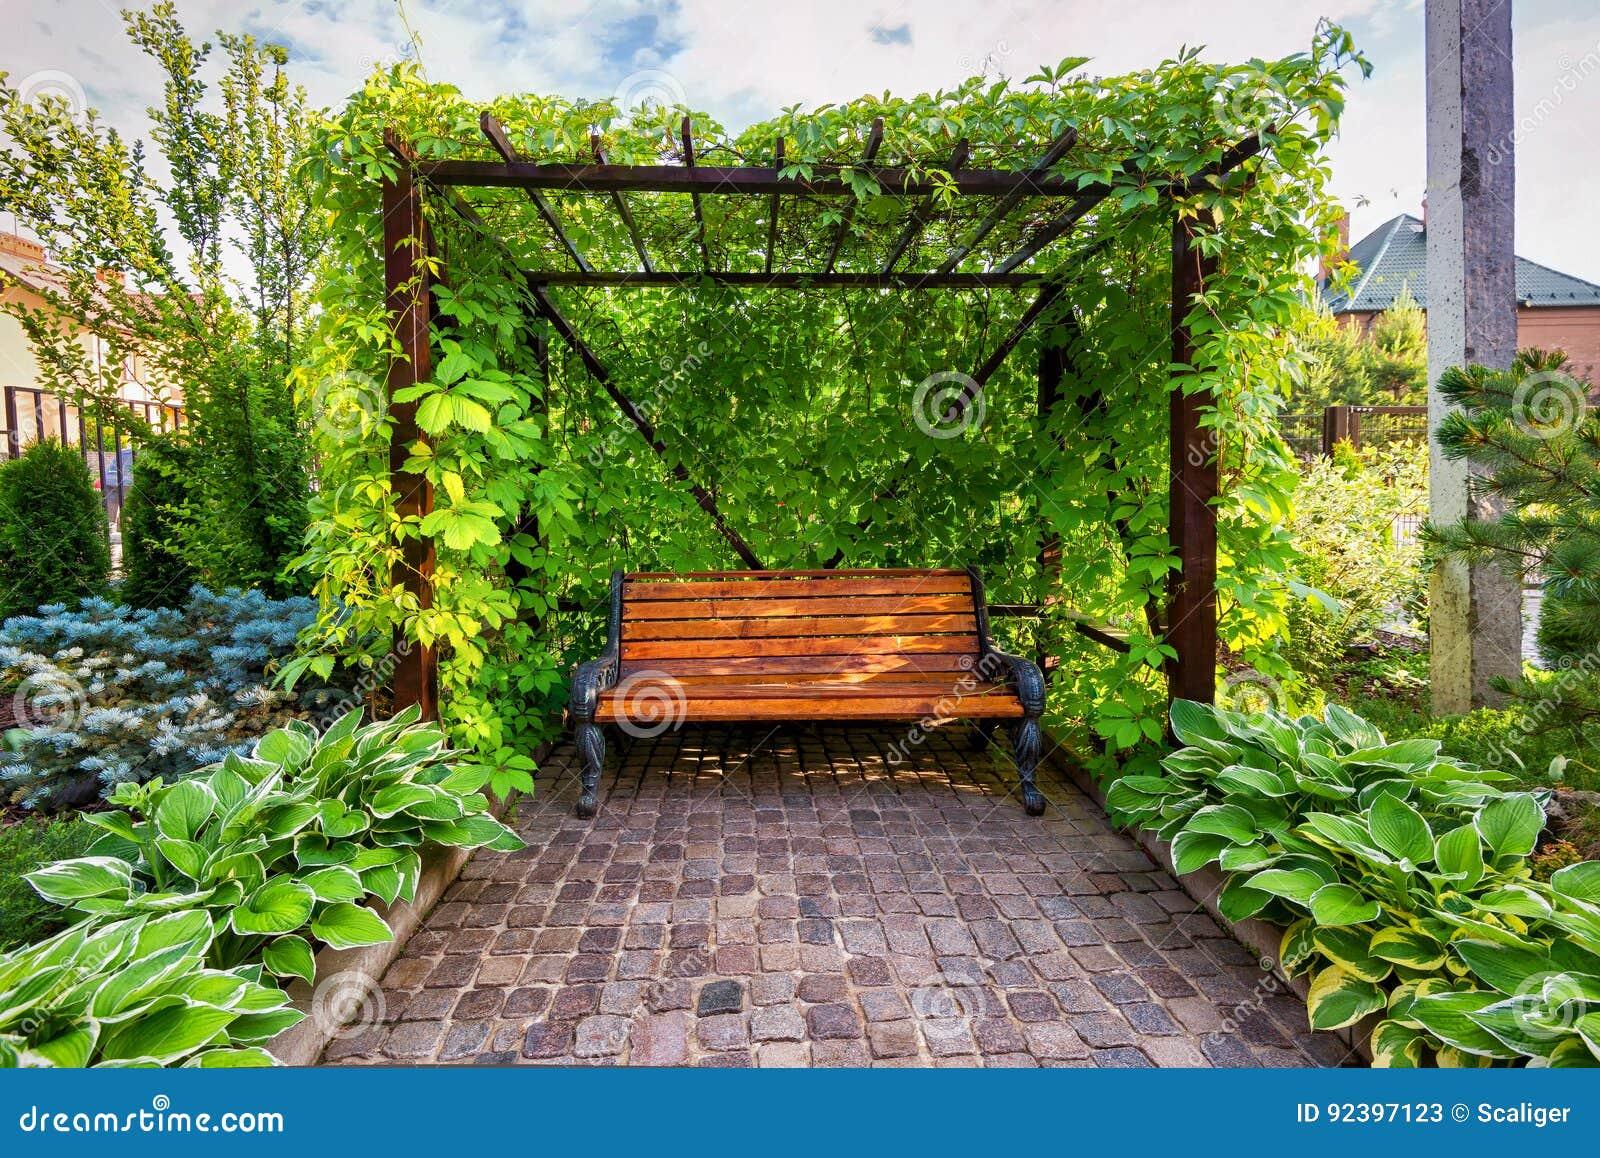 Le Banc Dans La Maison A Aménagé Le Jardin En Parc Image stock ...